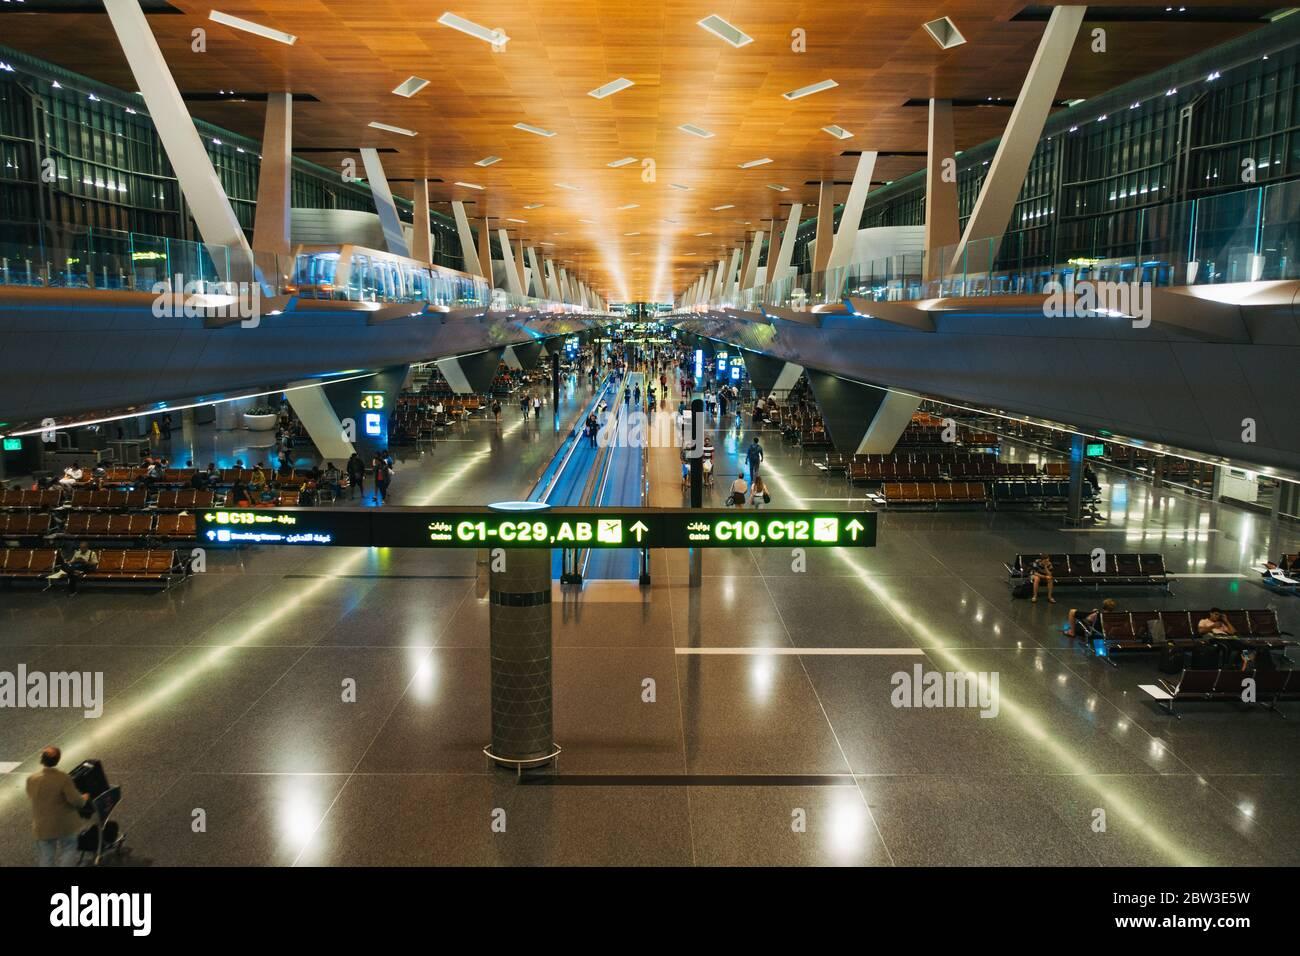 En regardant vers le bas un long terminal vide à l'aéroport international de Hamad, Doha, Qatar Banque D'Images